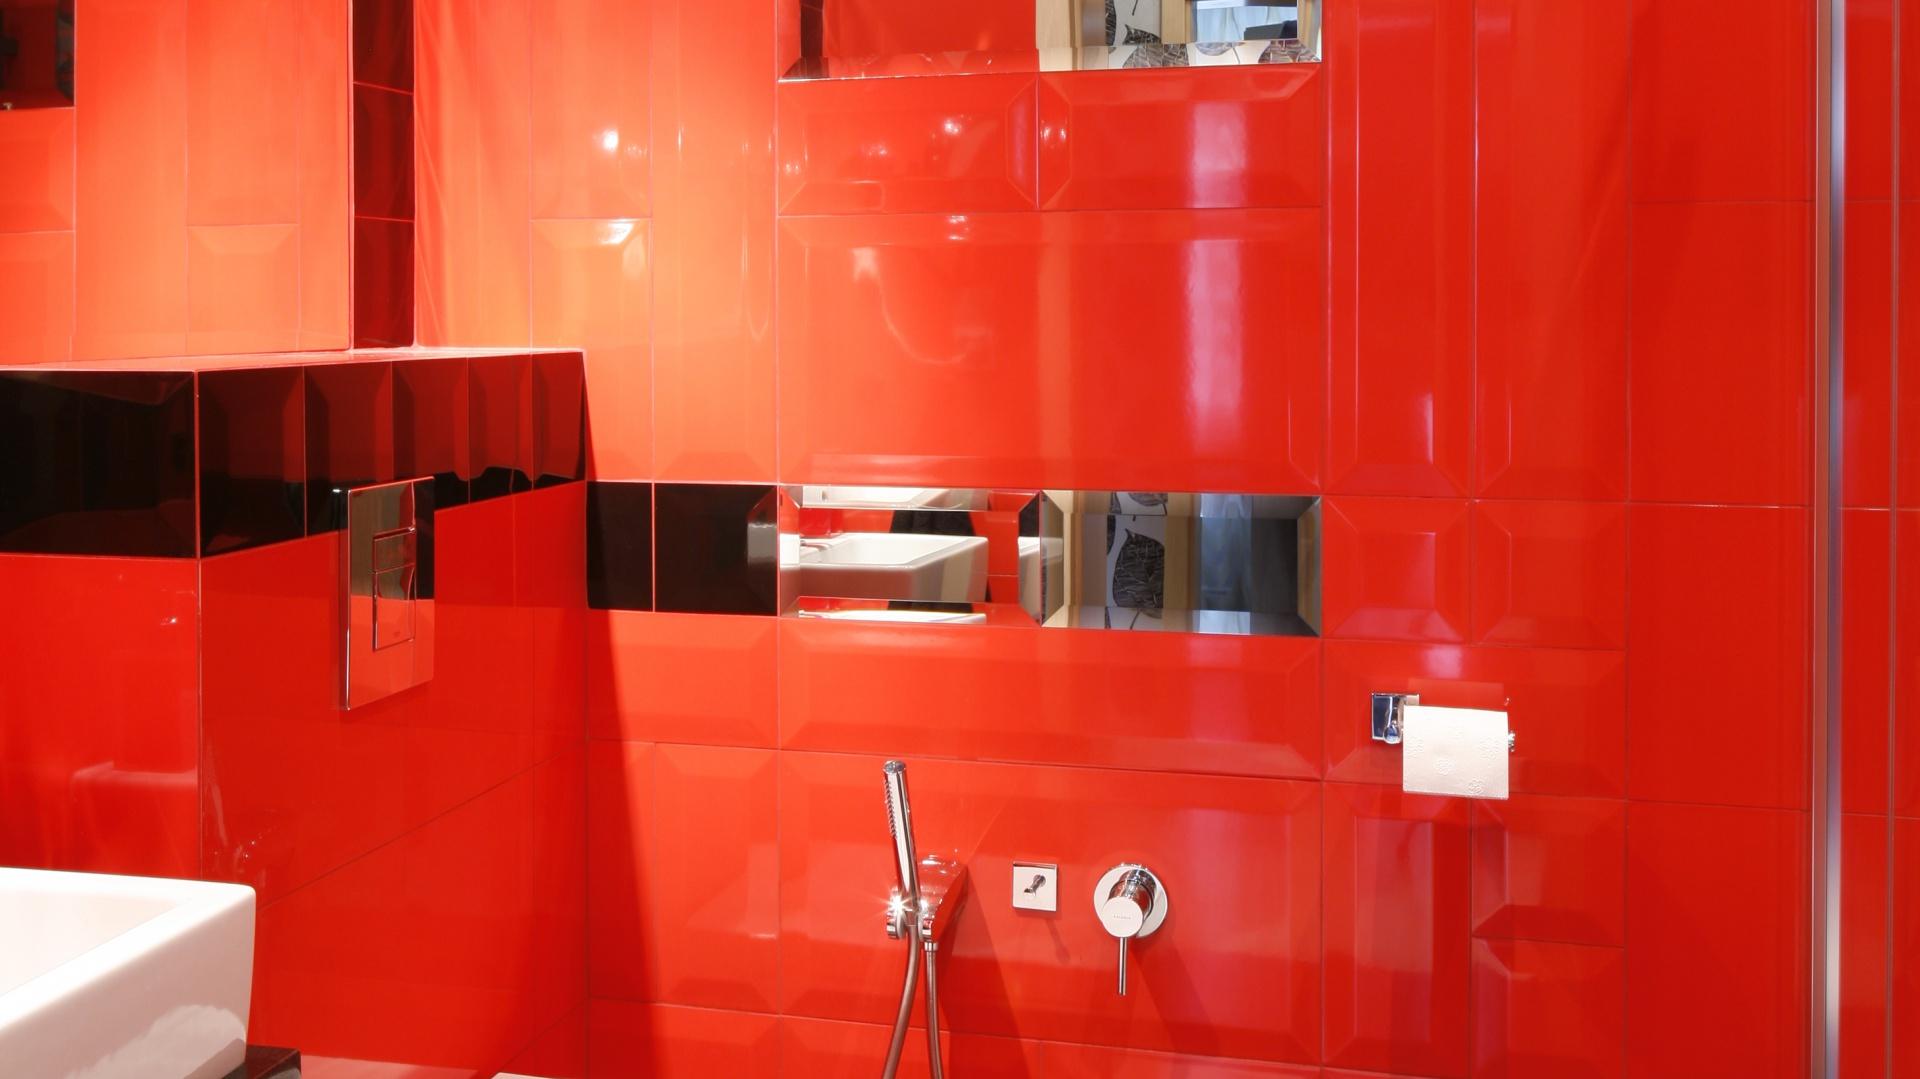 łazienka Do 5 Metrów Najlepsze Rozwiązania Z Polskich Domów